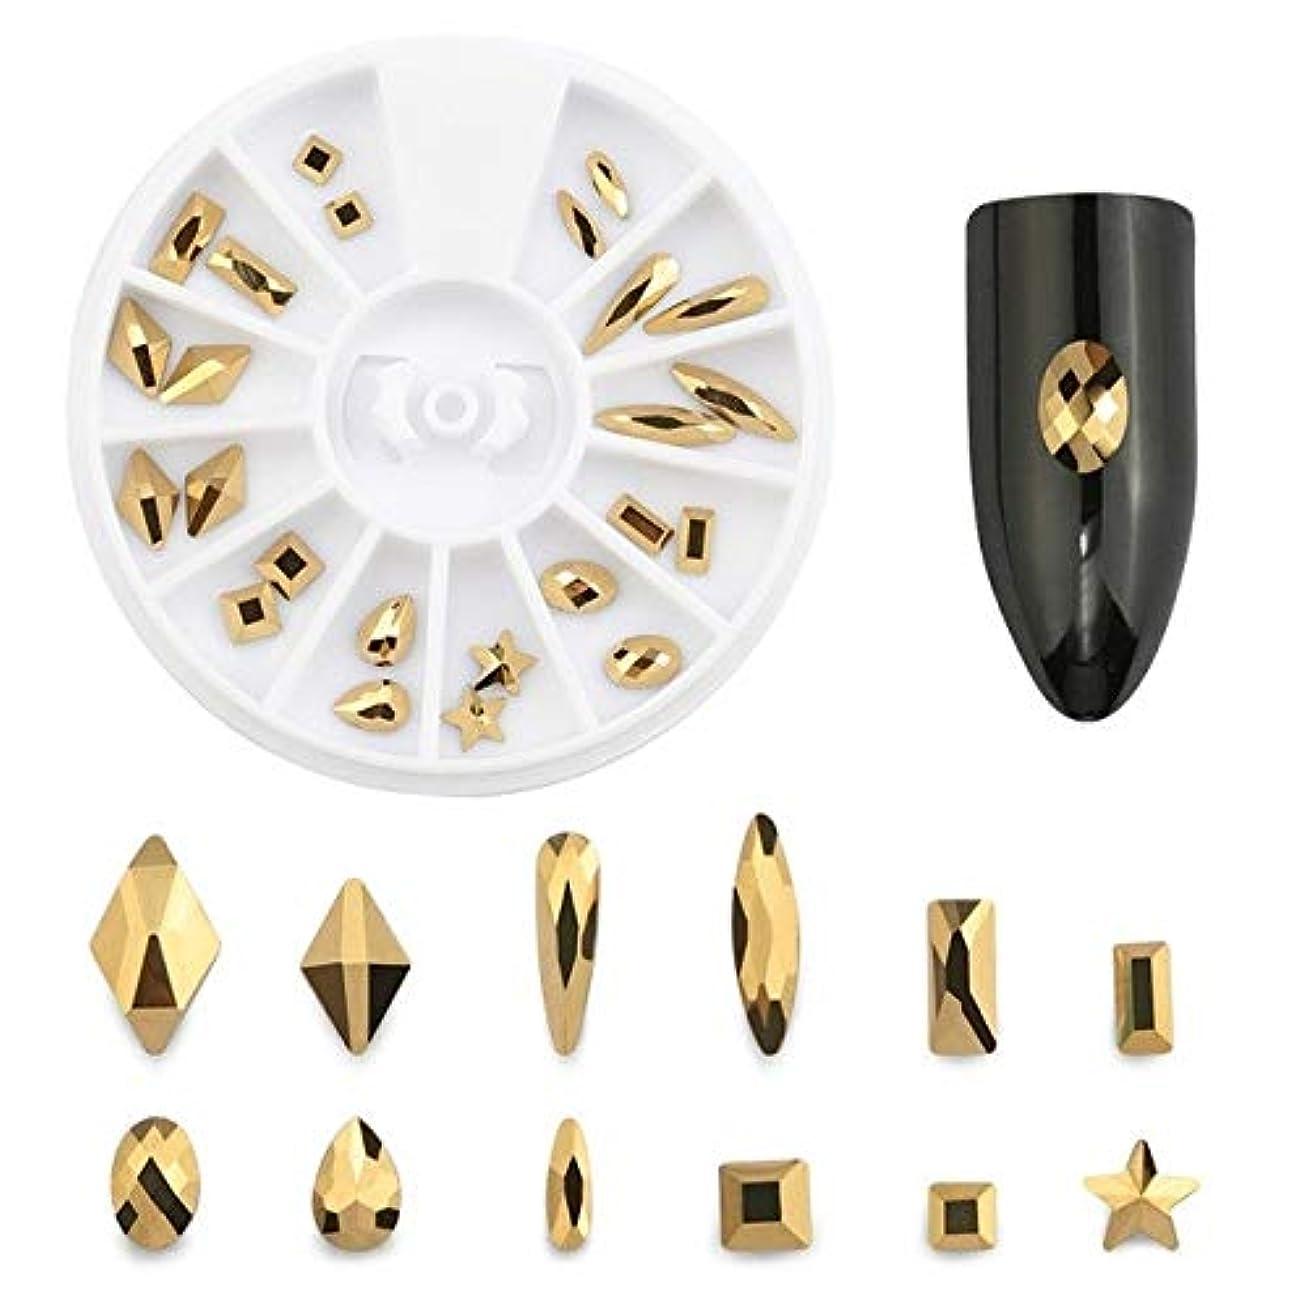 Yan スーパーフラッシュネイルジュエリーフラットドリル型ダイヤモンドゴールドフルドリルネイルアートデコレーションクリスタルセット (色 : 12 Grid box)